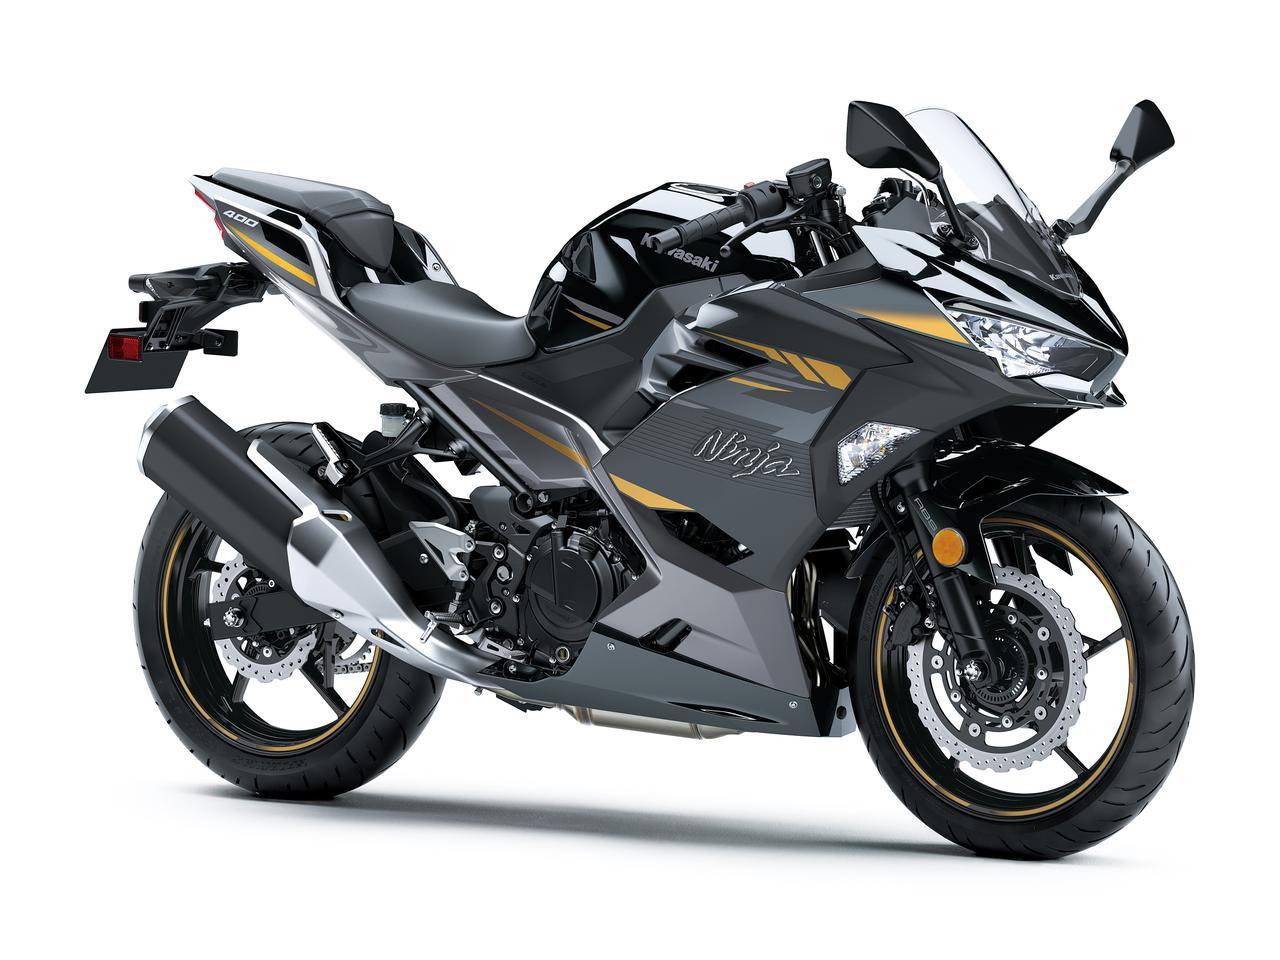 画像: Kawasaki Ninja400/KRT EDITION 総排気量:398cc エンジン形式:水冷4ストDOHC4バルブ並列2気筒 シート高:785mm 車両重量:167kg 発売日:2021年9月10日・10月15日 税込価格:72万6000円 ※写真は、Ninja400 メタリックマグネティックダークグレー×メタリックスパークブラック